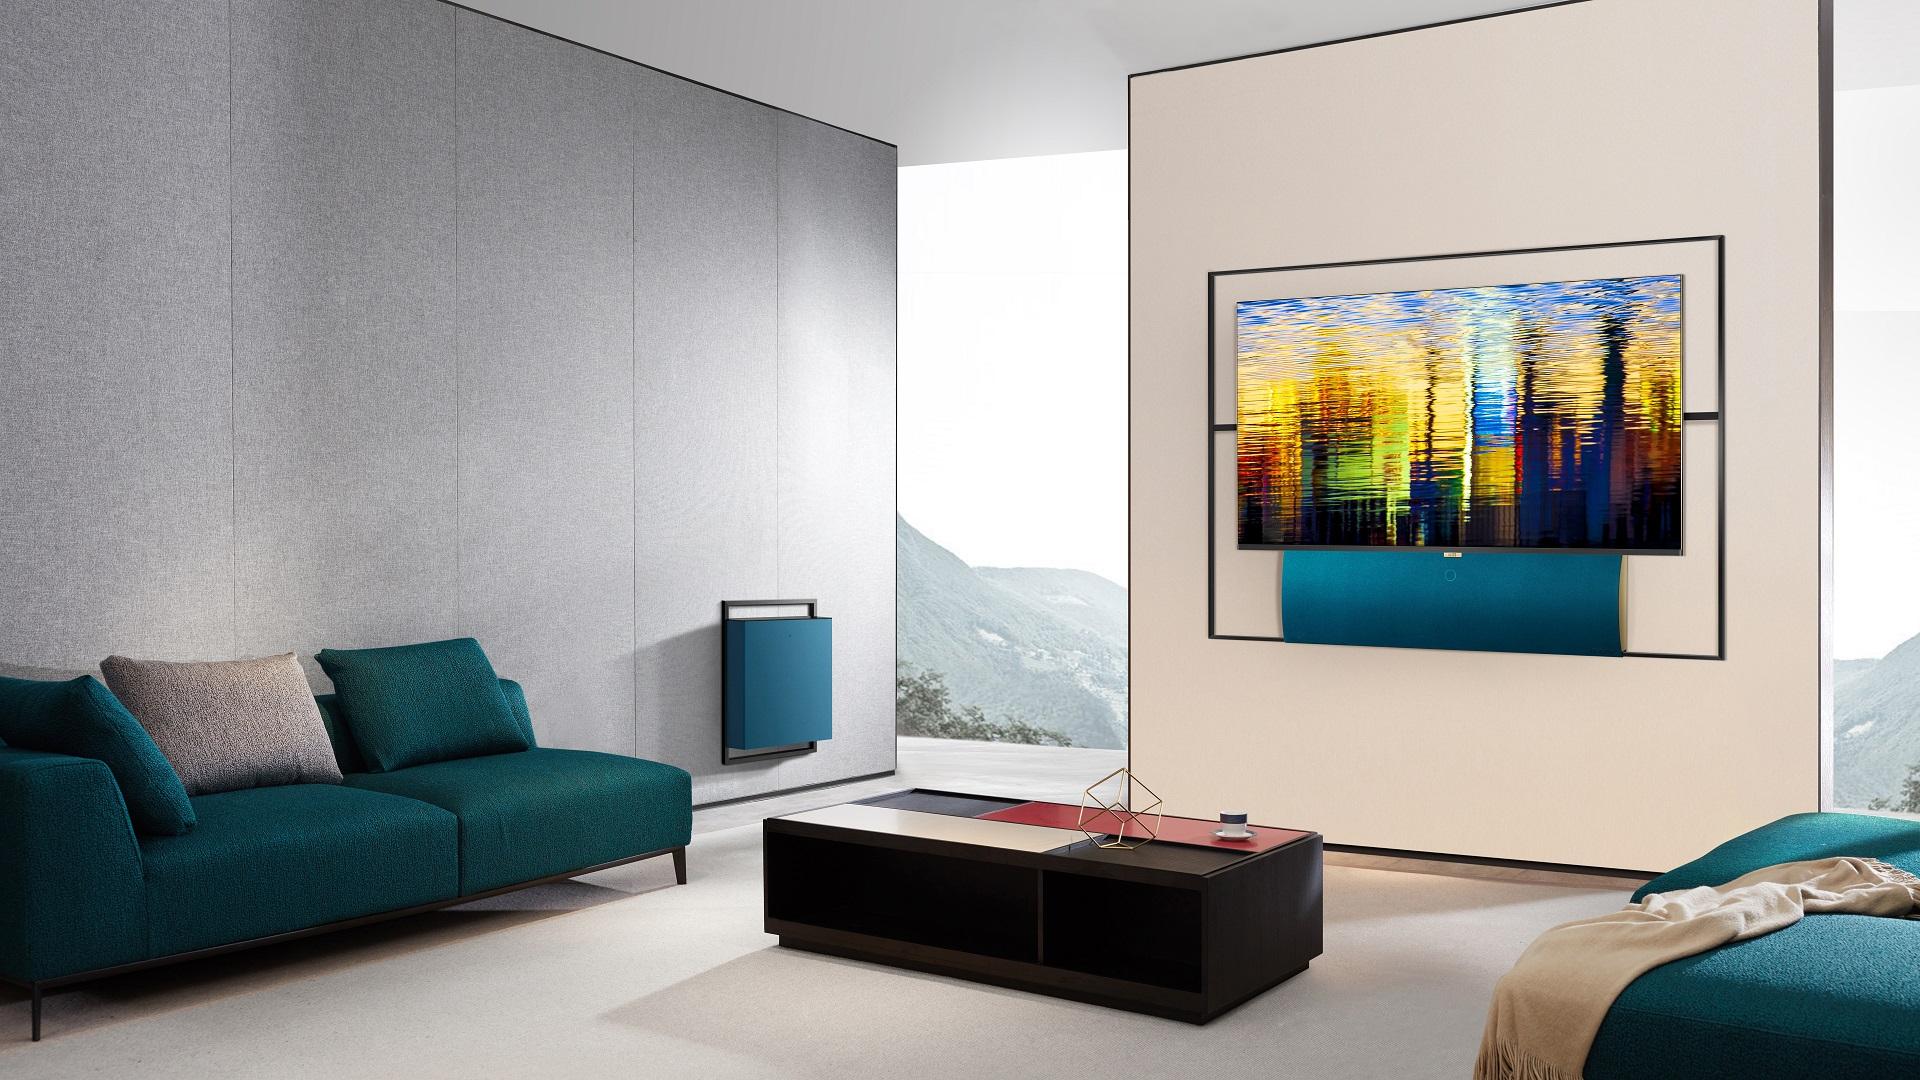 空间可编辑,XESS浮窗全场景TV破解客厅装修难题